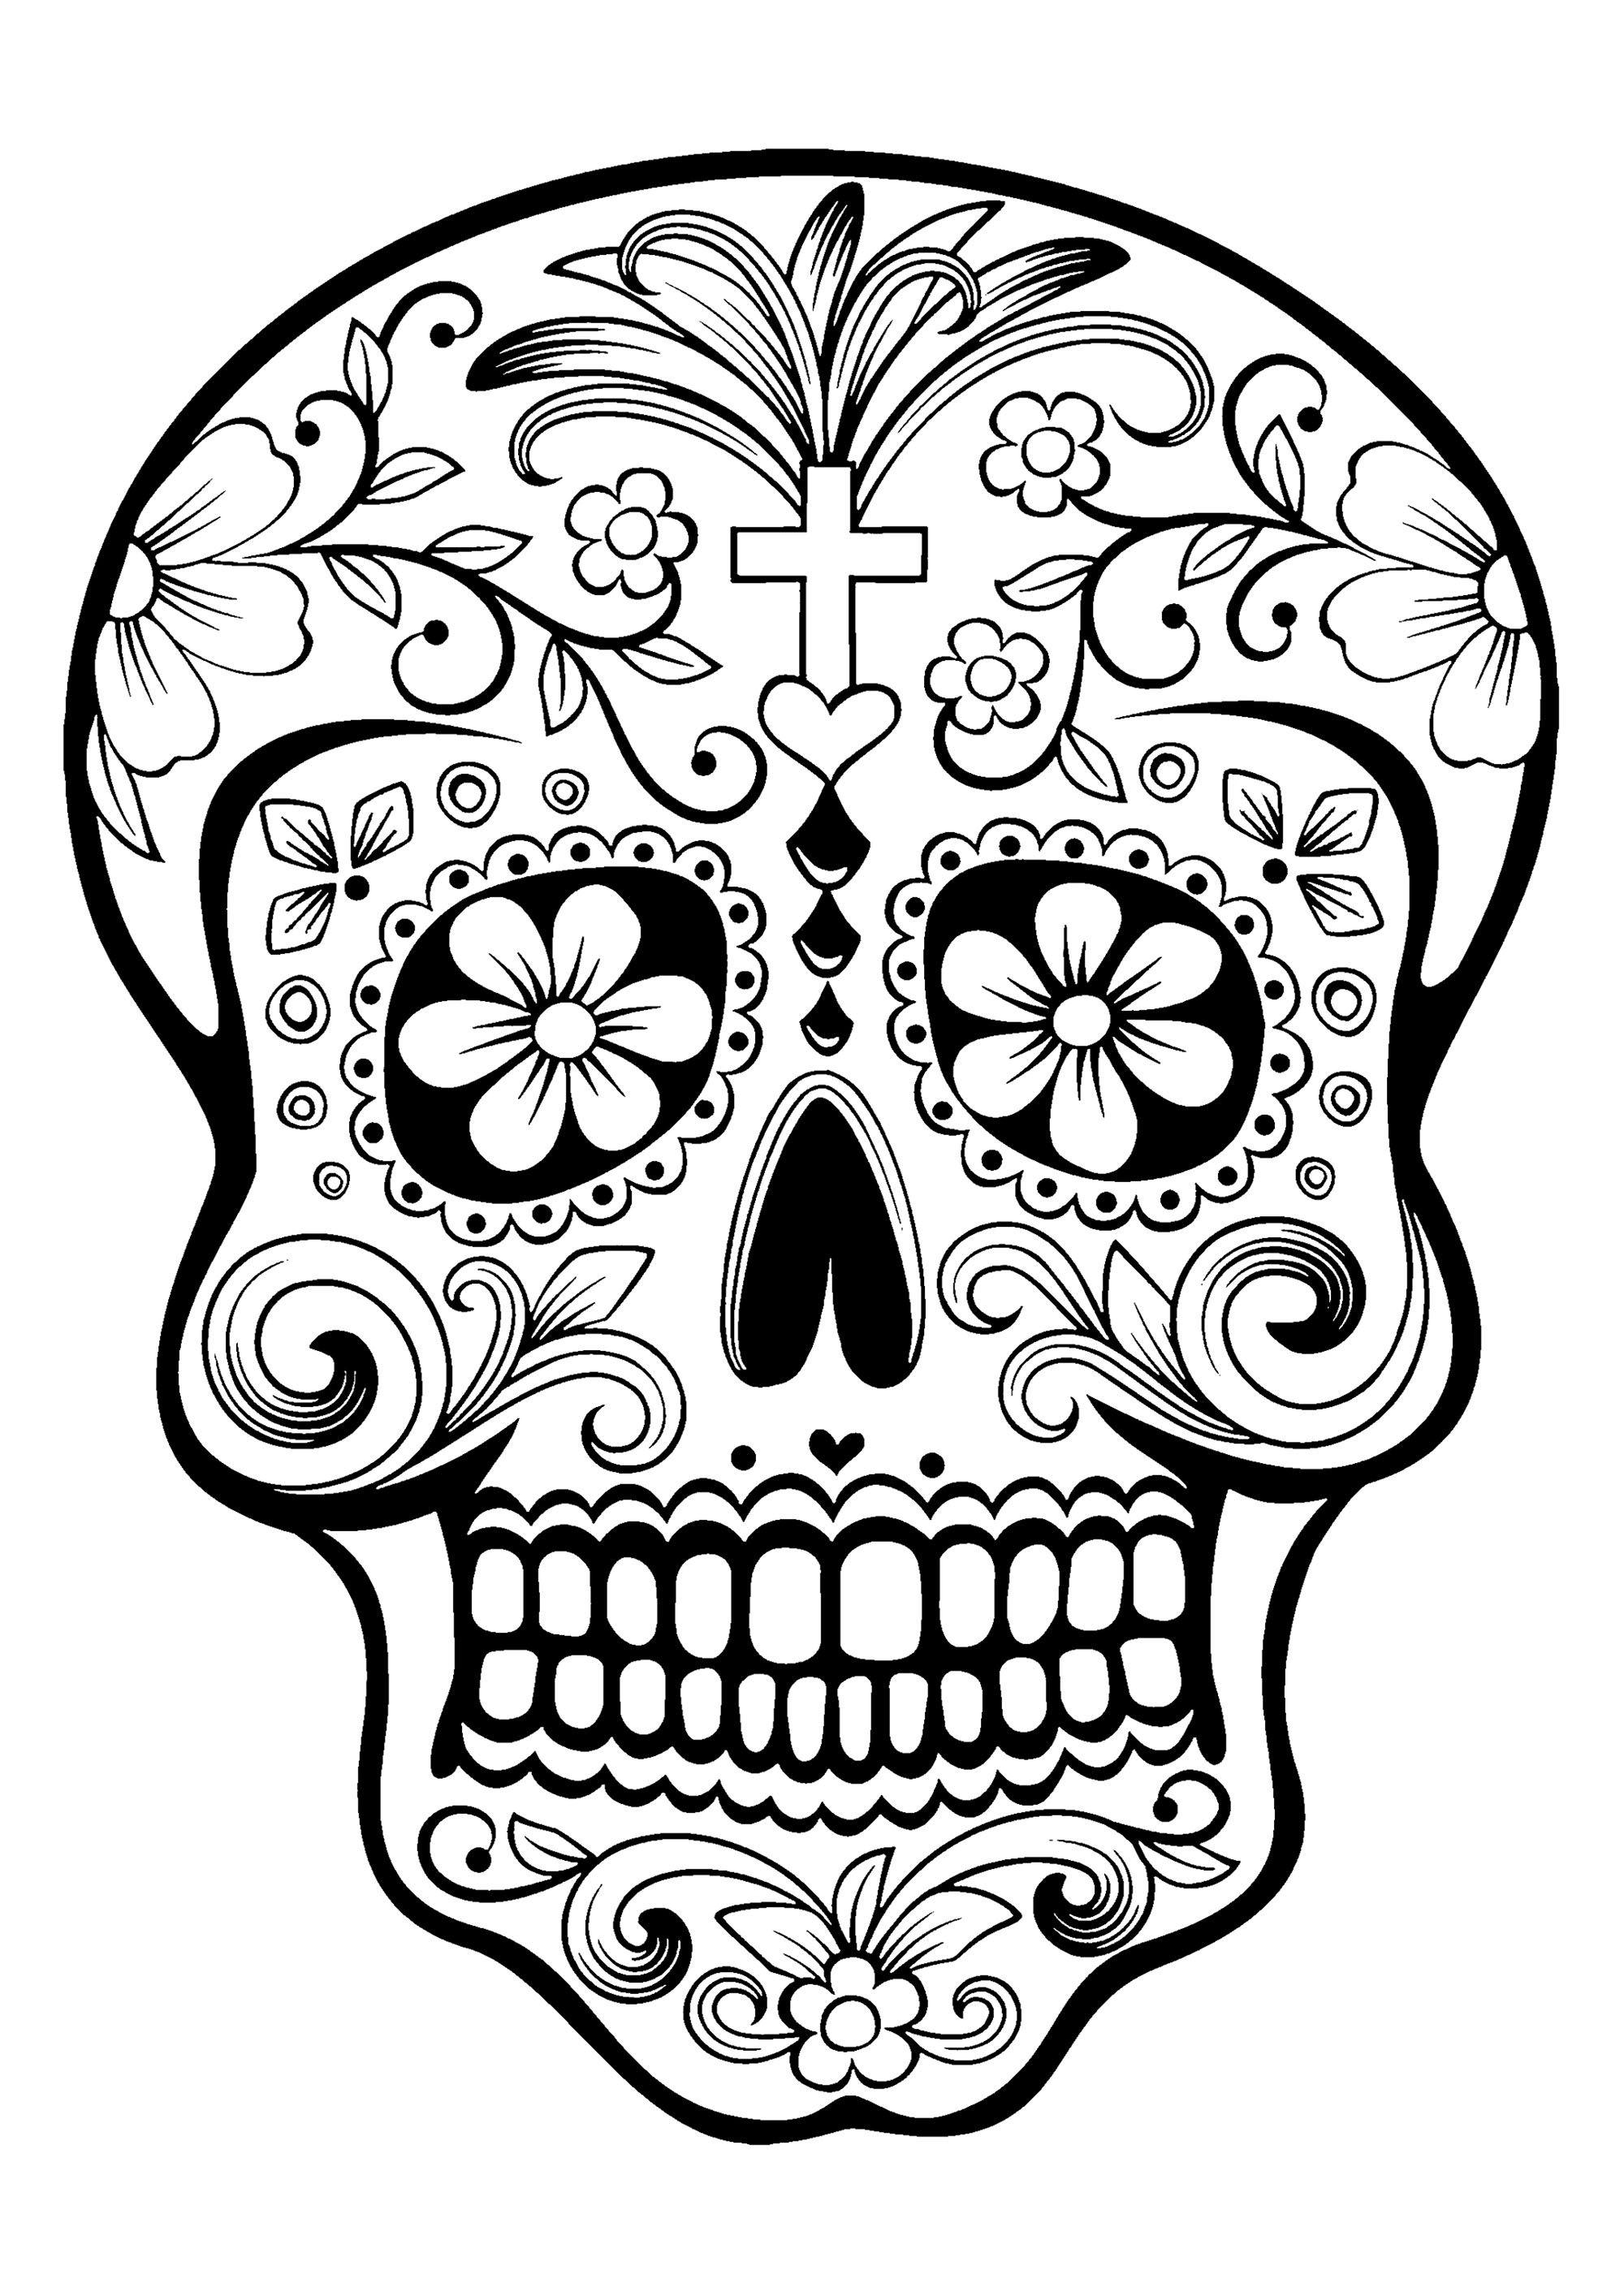 Dia de los muertos clipart black and grey image free stock El Día de los Muertos / Day of the dead coloring page : Skull - 1 ... image free stock